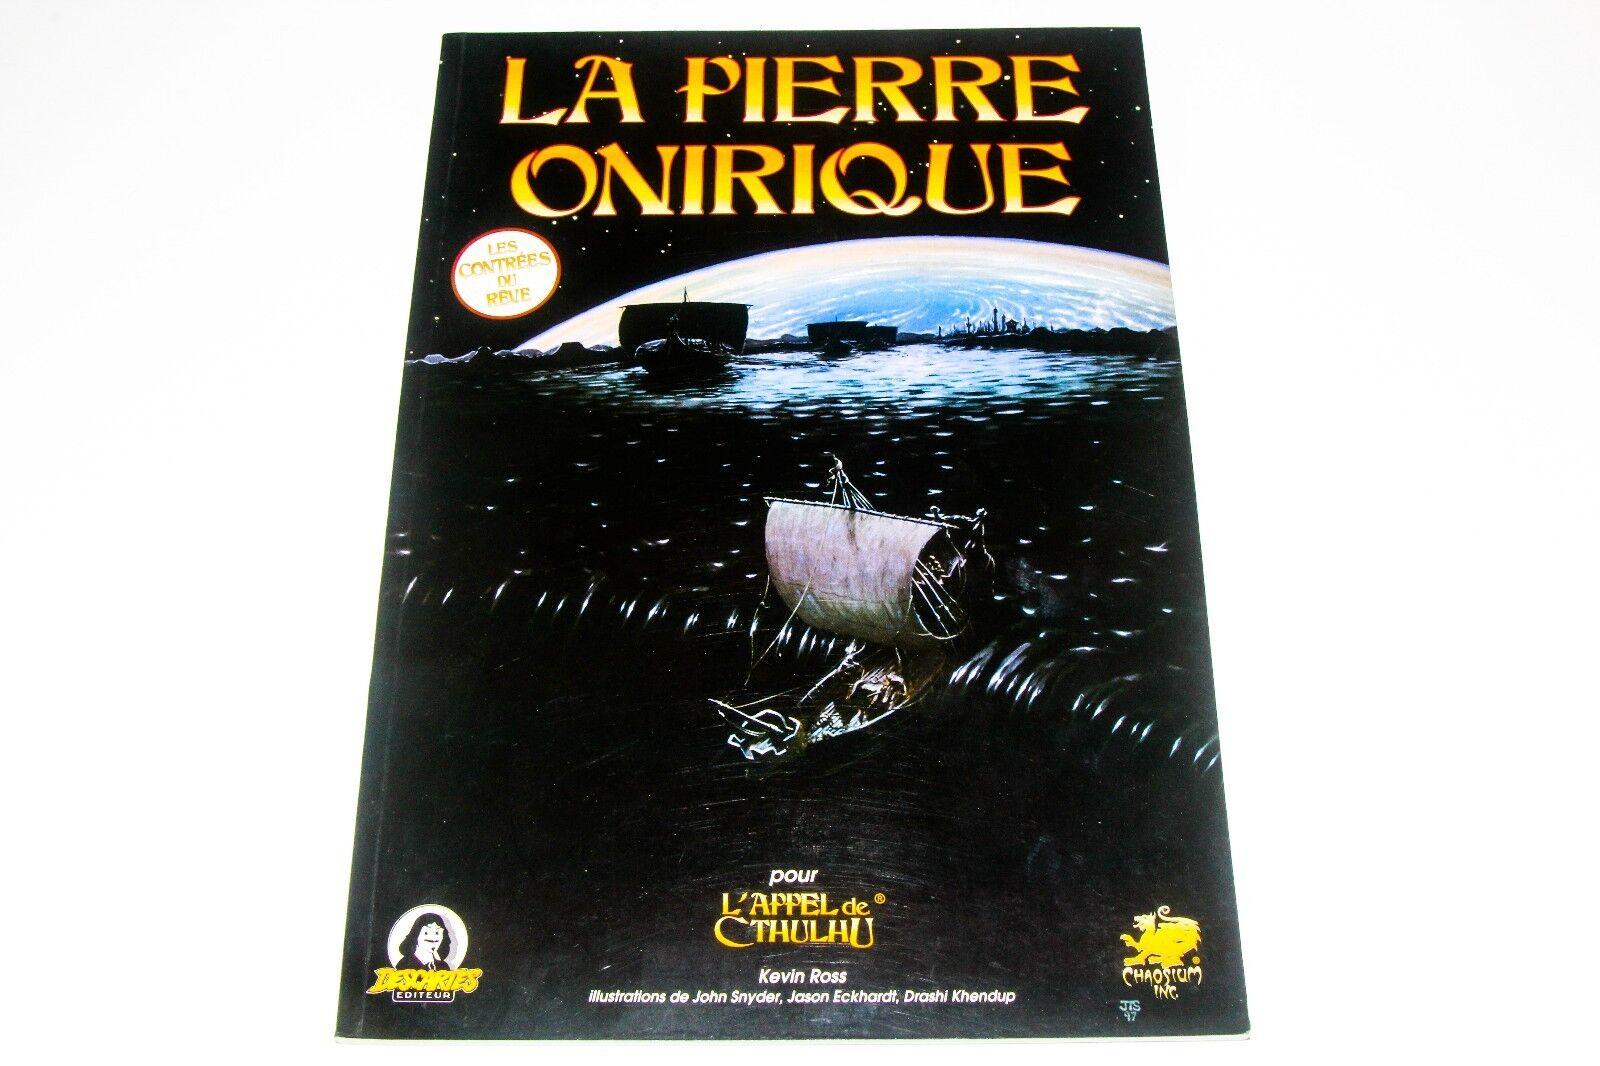 L'APPEL DE CTHULHU - LA LA LA PIERRE ONIRIQUE - DESCARTES 808766